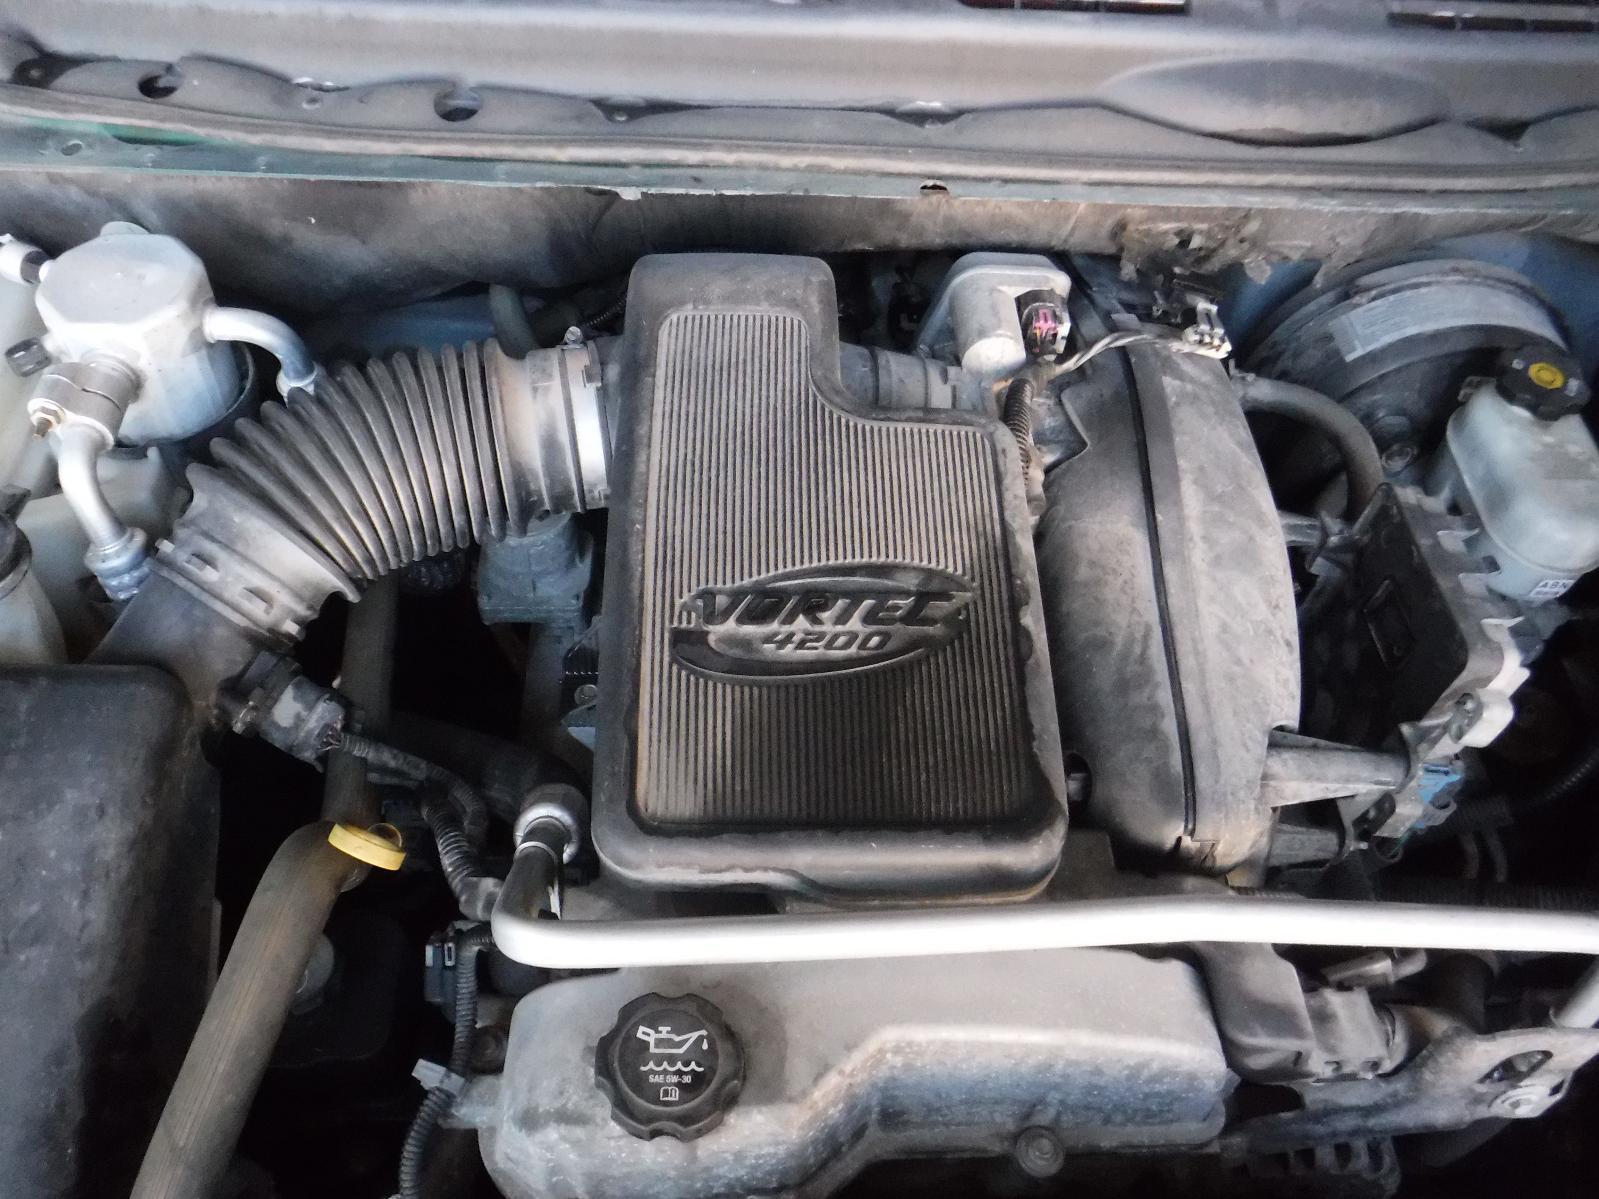 Gmc Envoy Rear Door Used Suv Parts Oil Filter De67bade C430 4734 8e00 E50de9f84620